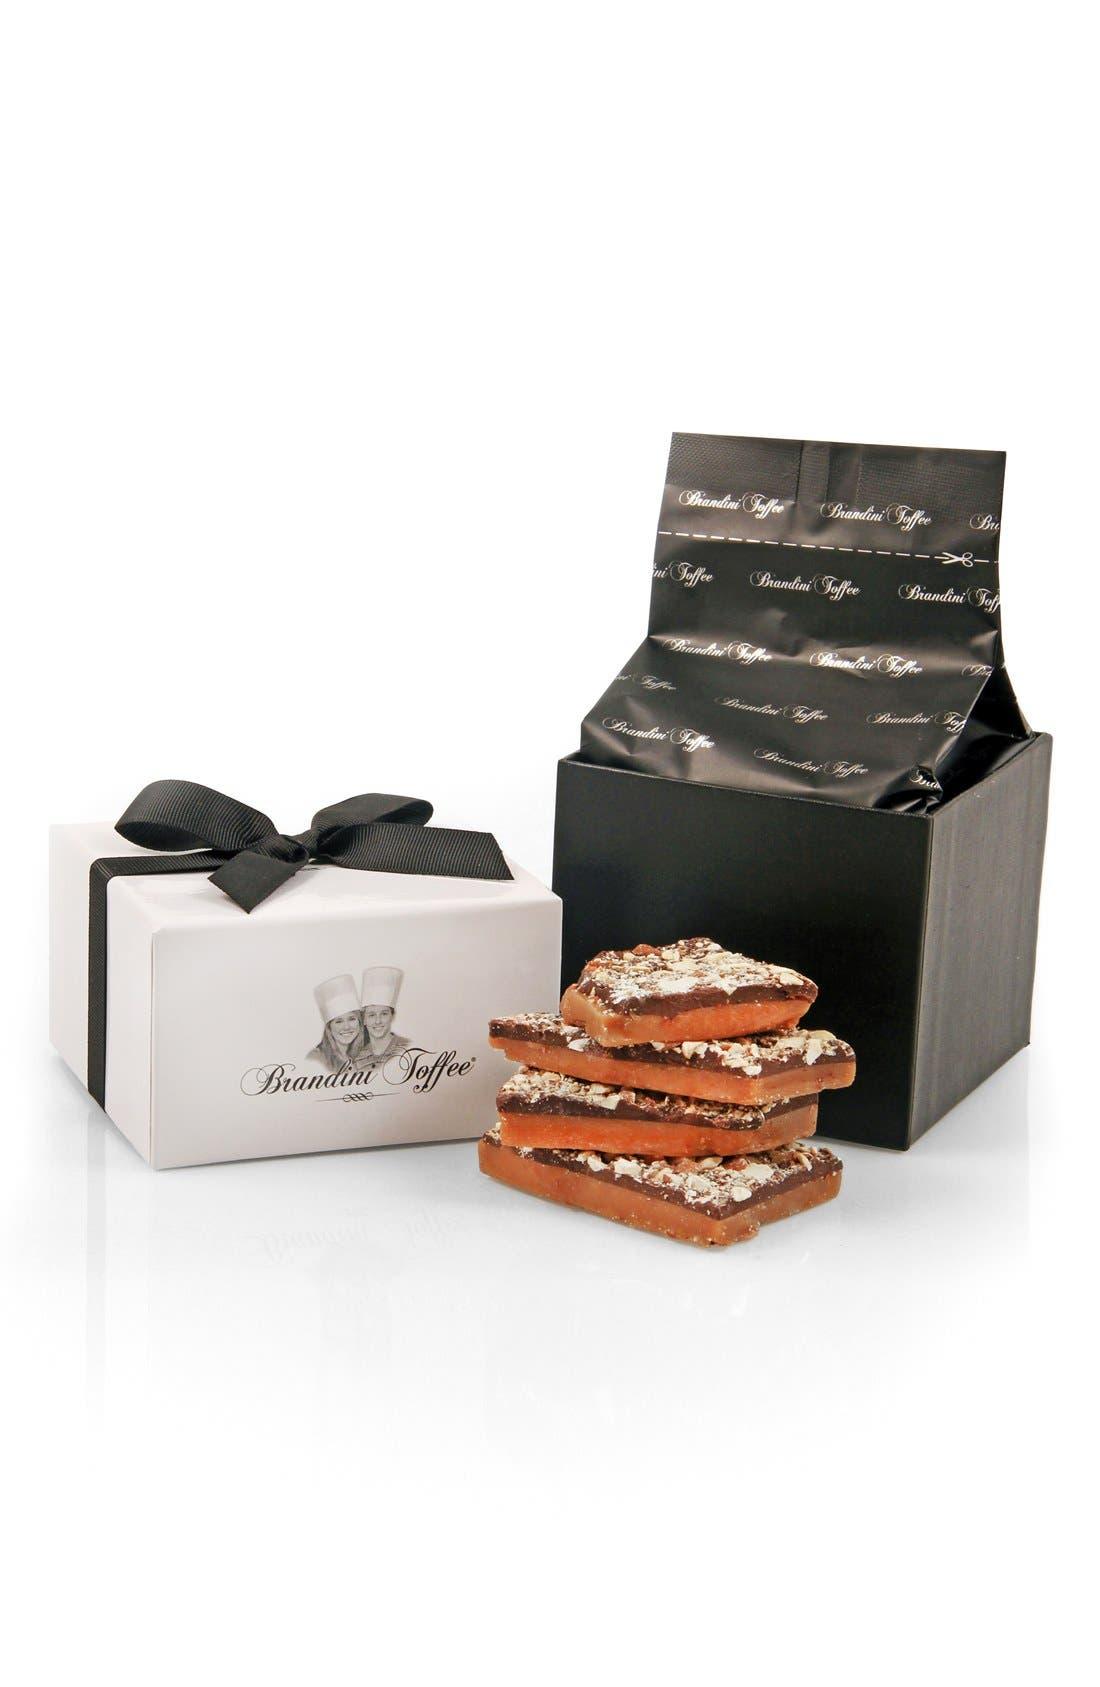 Brandini Toffee Gift Box